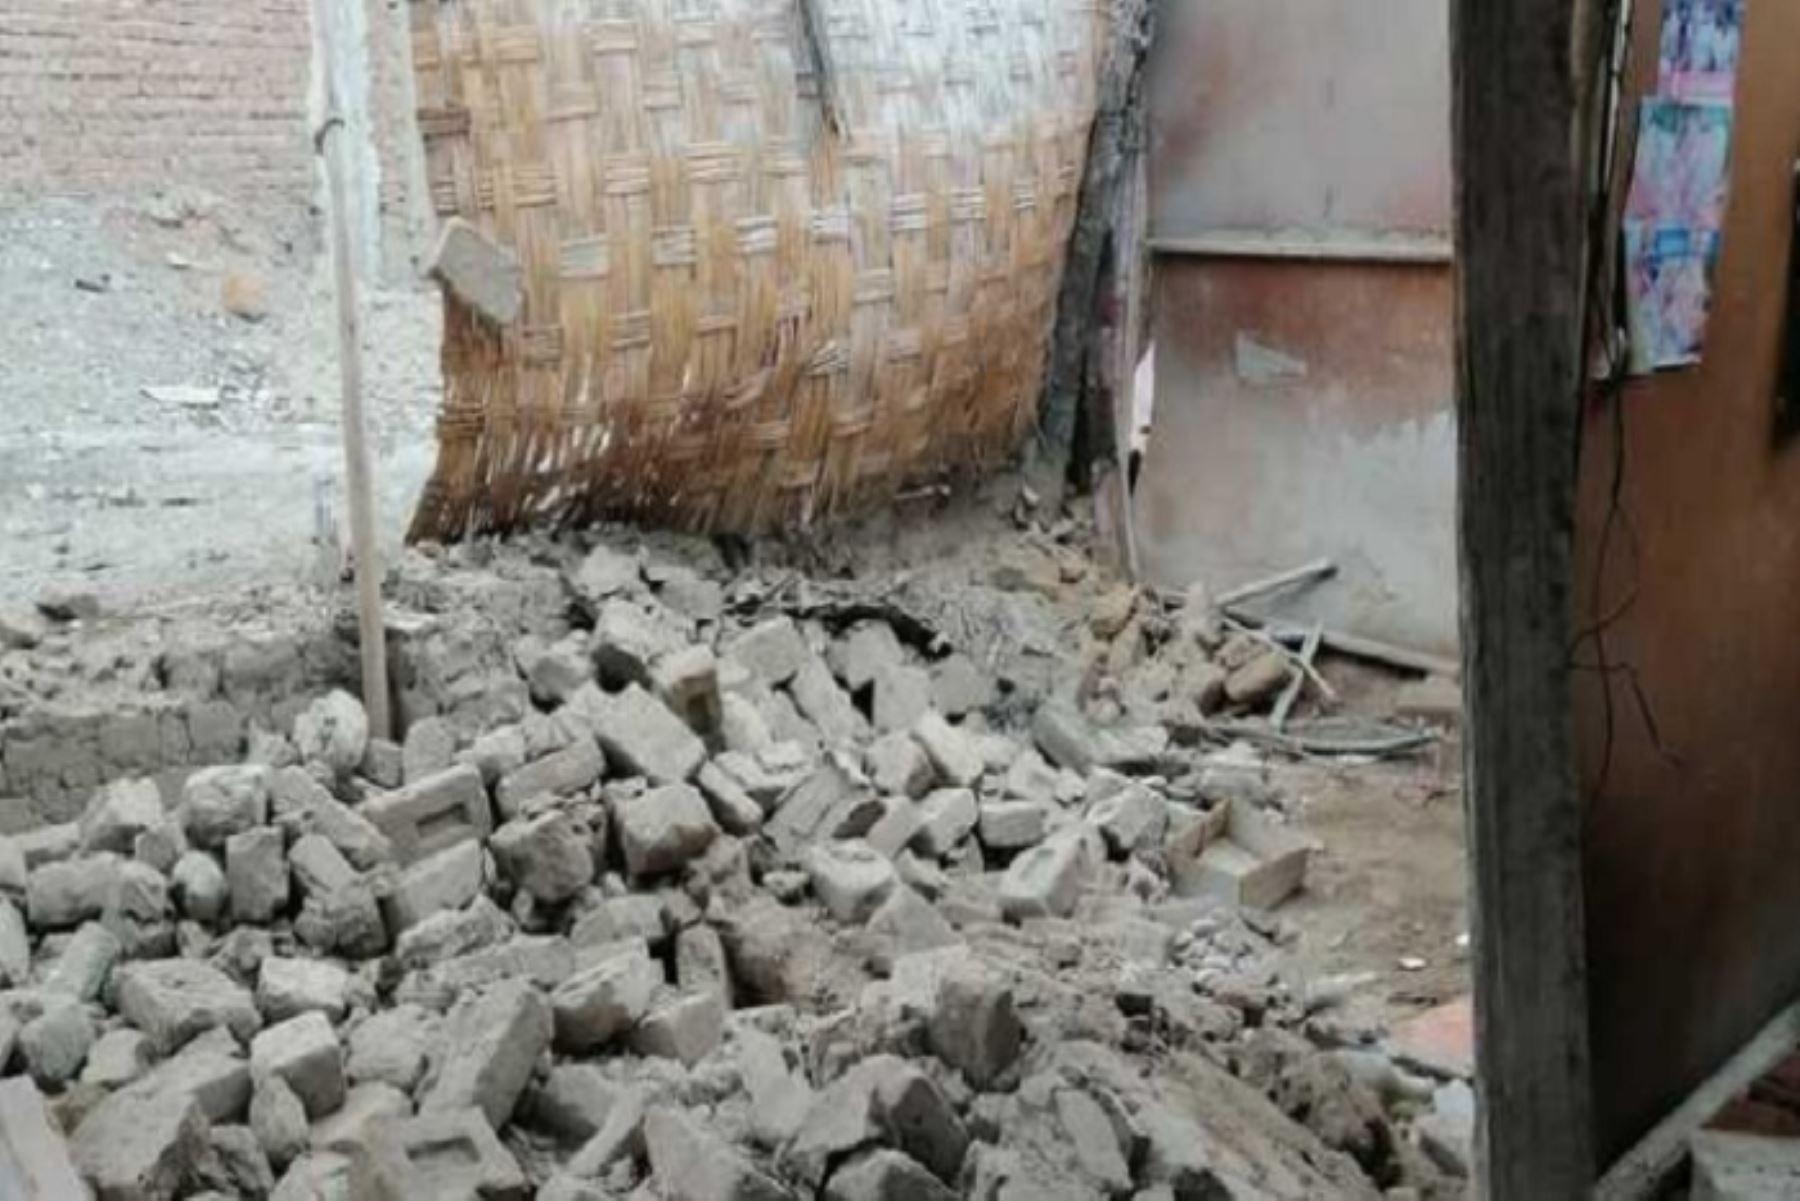 La Municipalidad Distrital de Mala precisó que se coordina con el Gobierno Regional de Lima Provincia el apoyo con bienes de ayuda humanitaria y la evacuación de 20 familias,